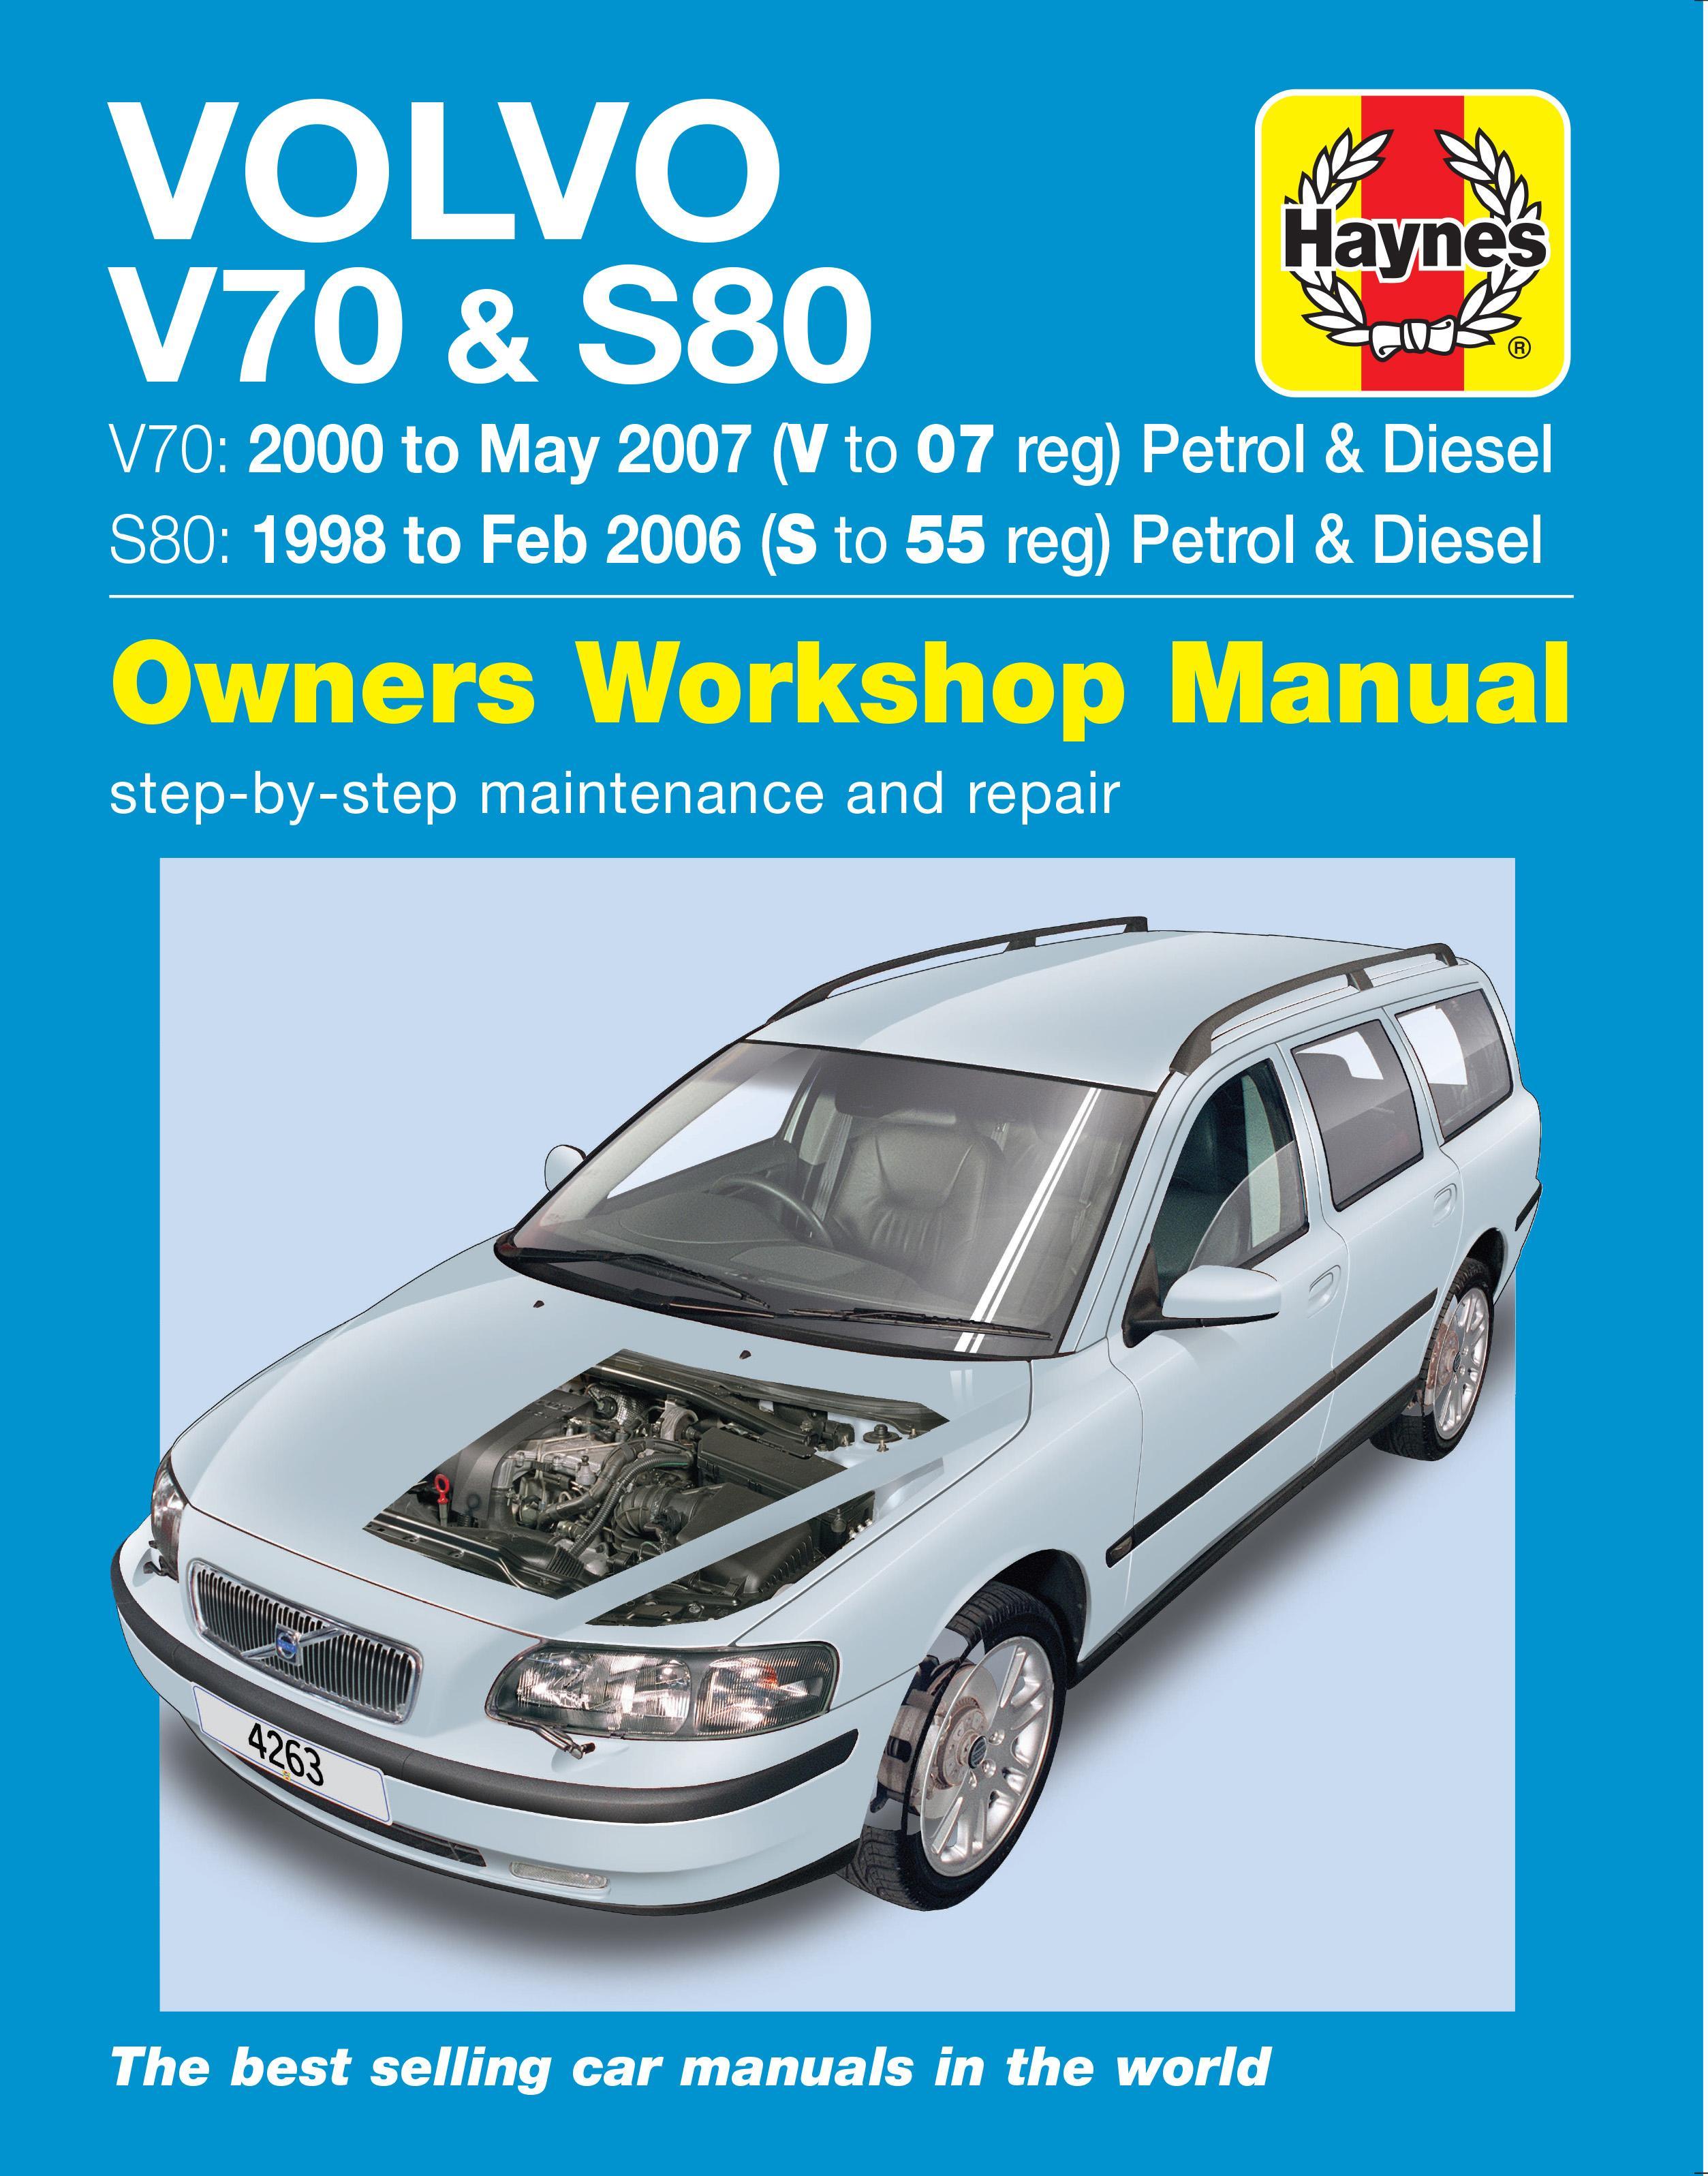 haynes volvo v70 s80 98 07 manual rh halfords com 2000 Volvo S70 Used Volvo S70